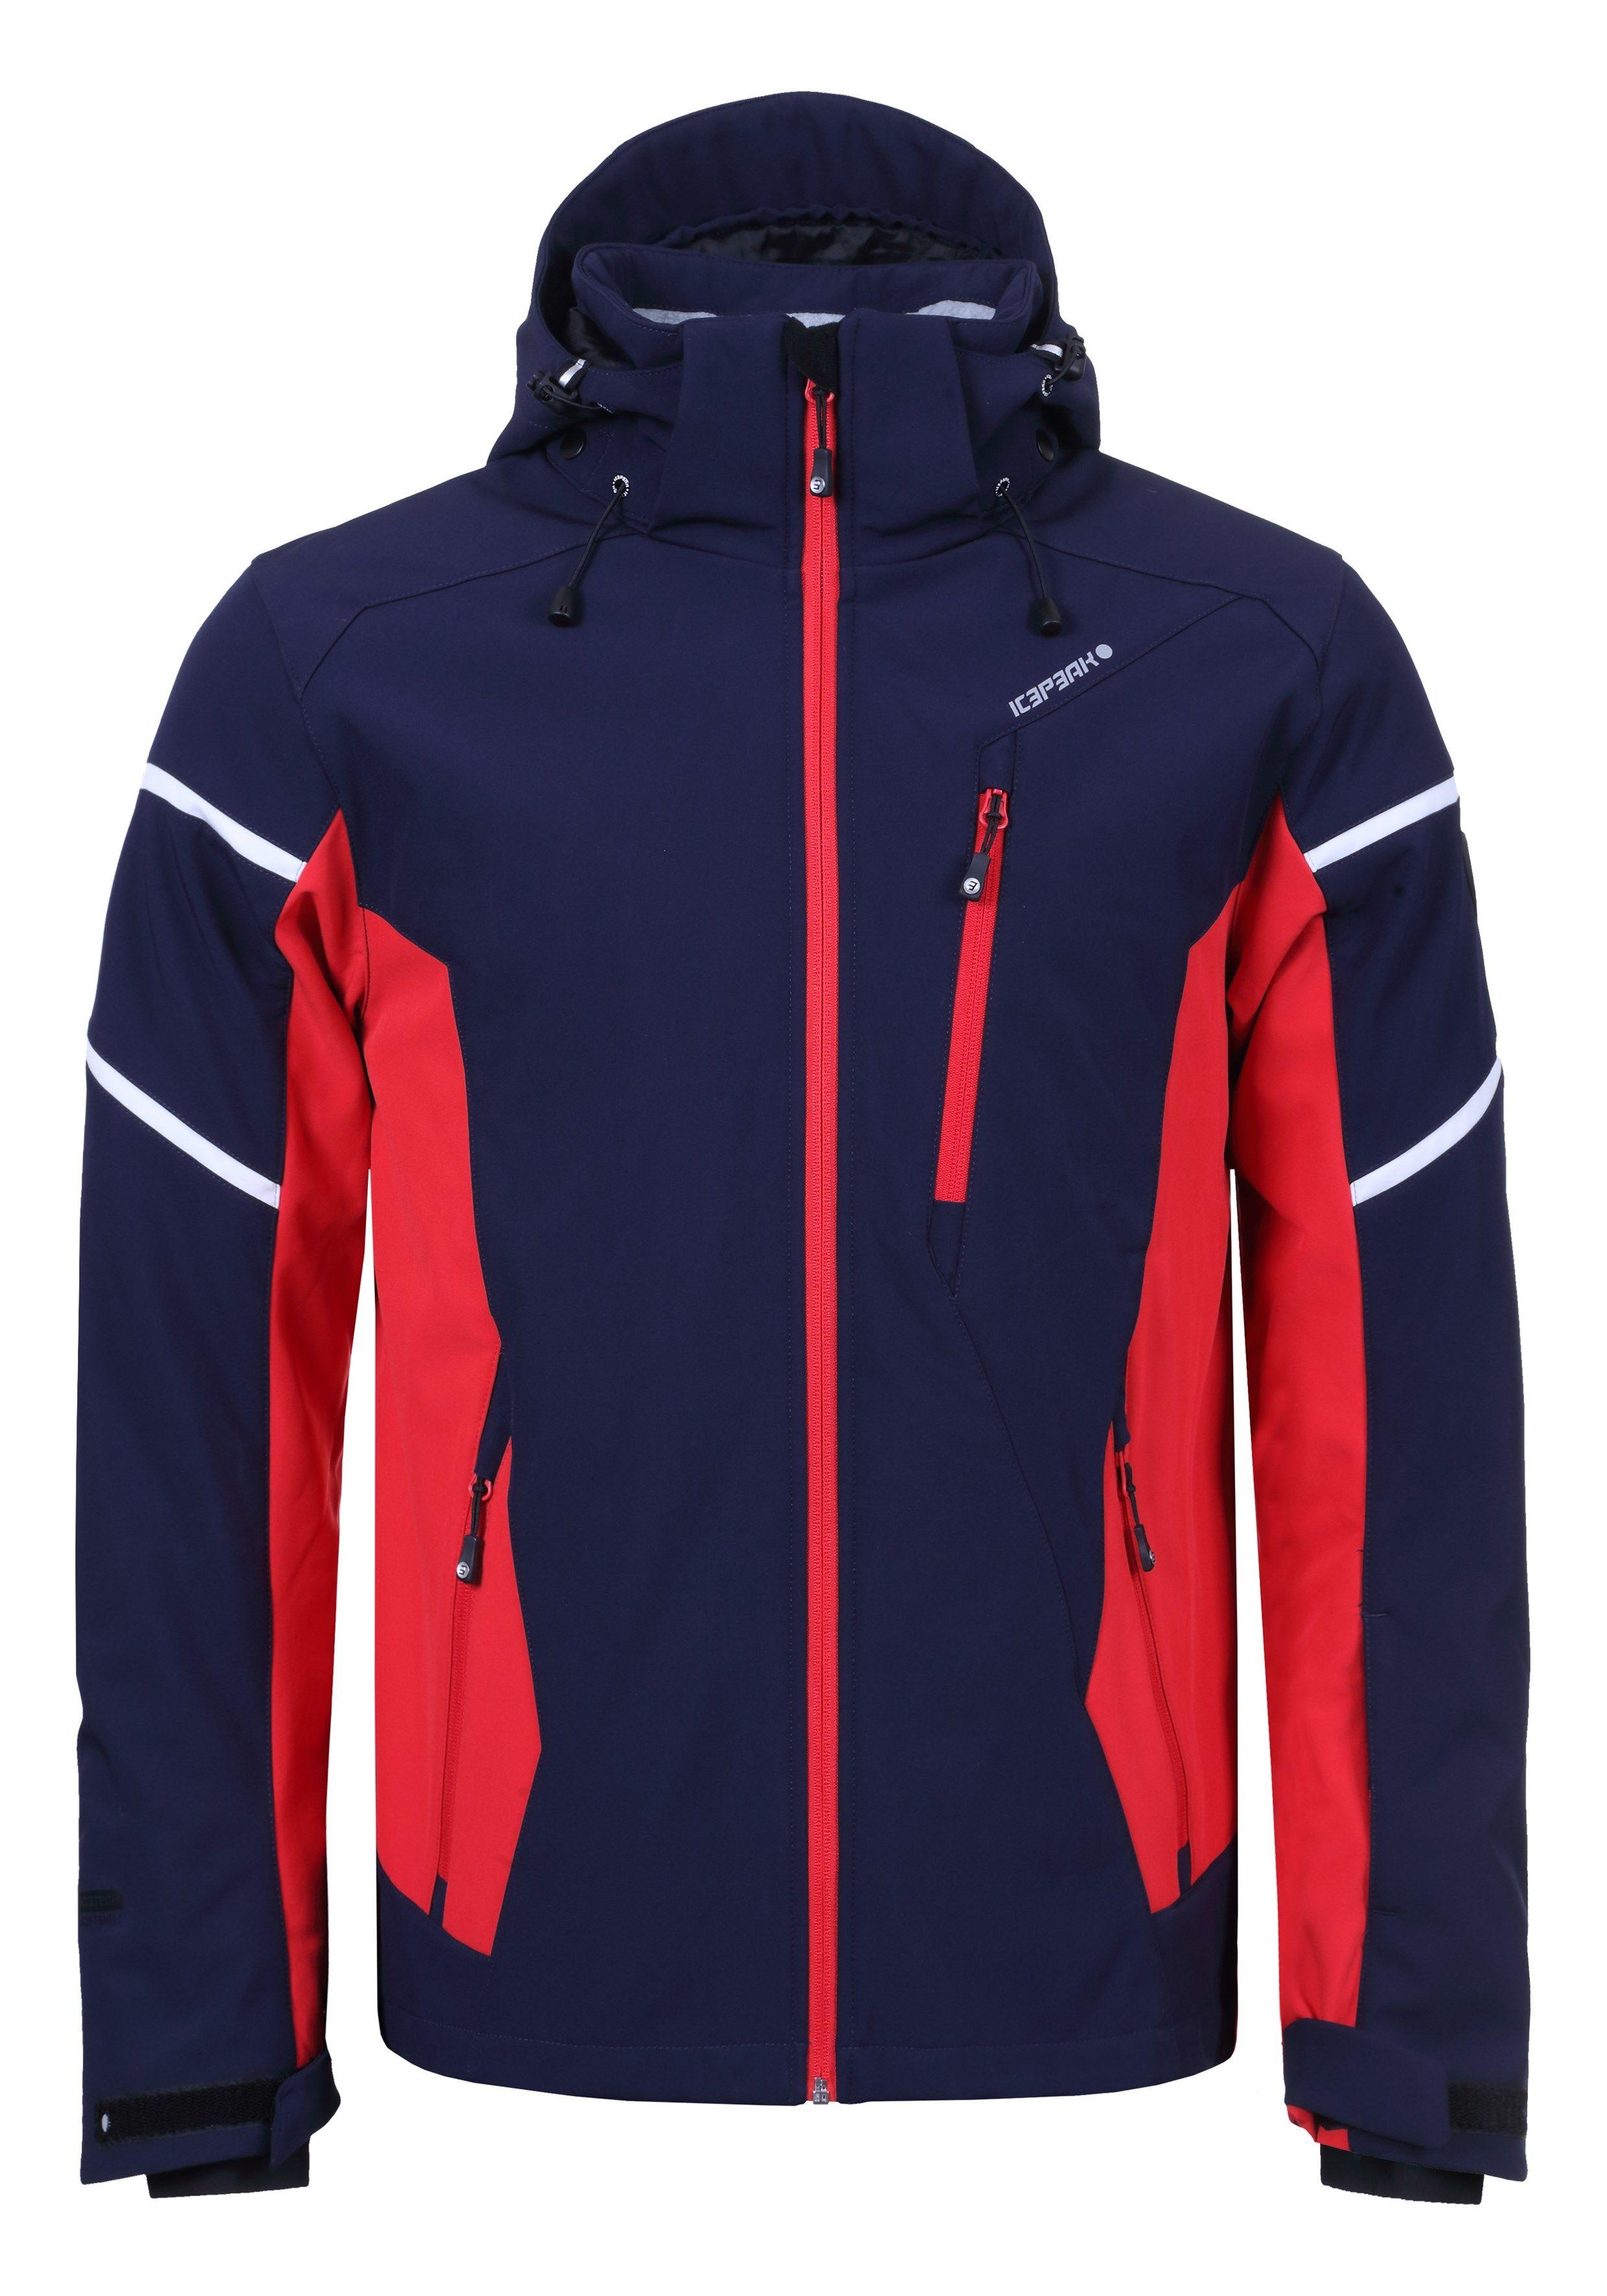 Pánska lyžiarska softshellová bunda Icepeak Nils tm. modrá   červená 9cdc77819c2